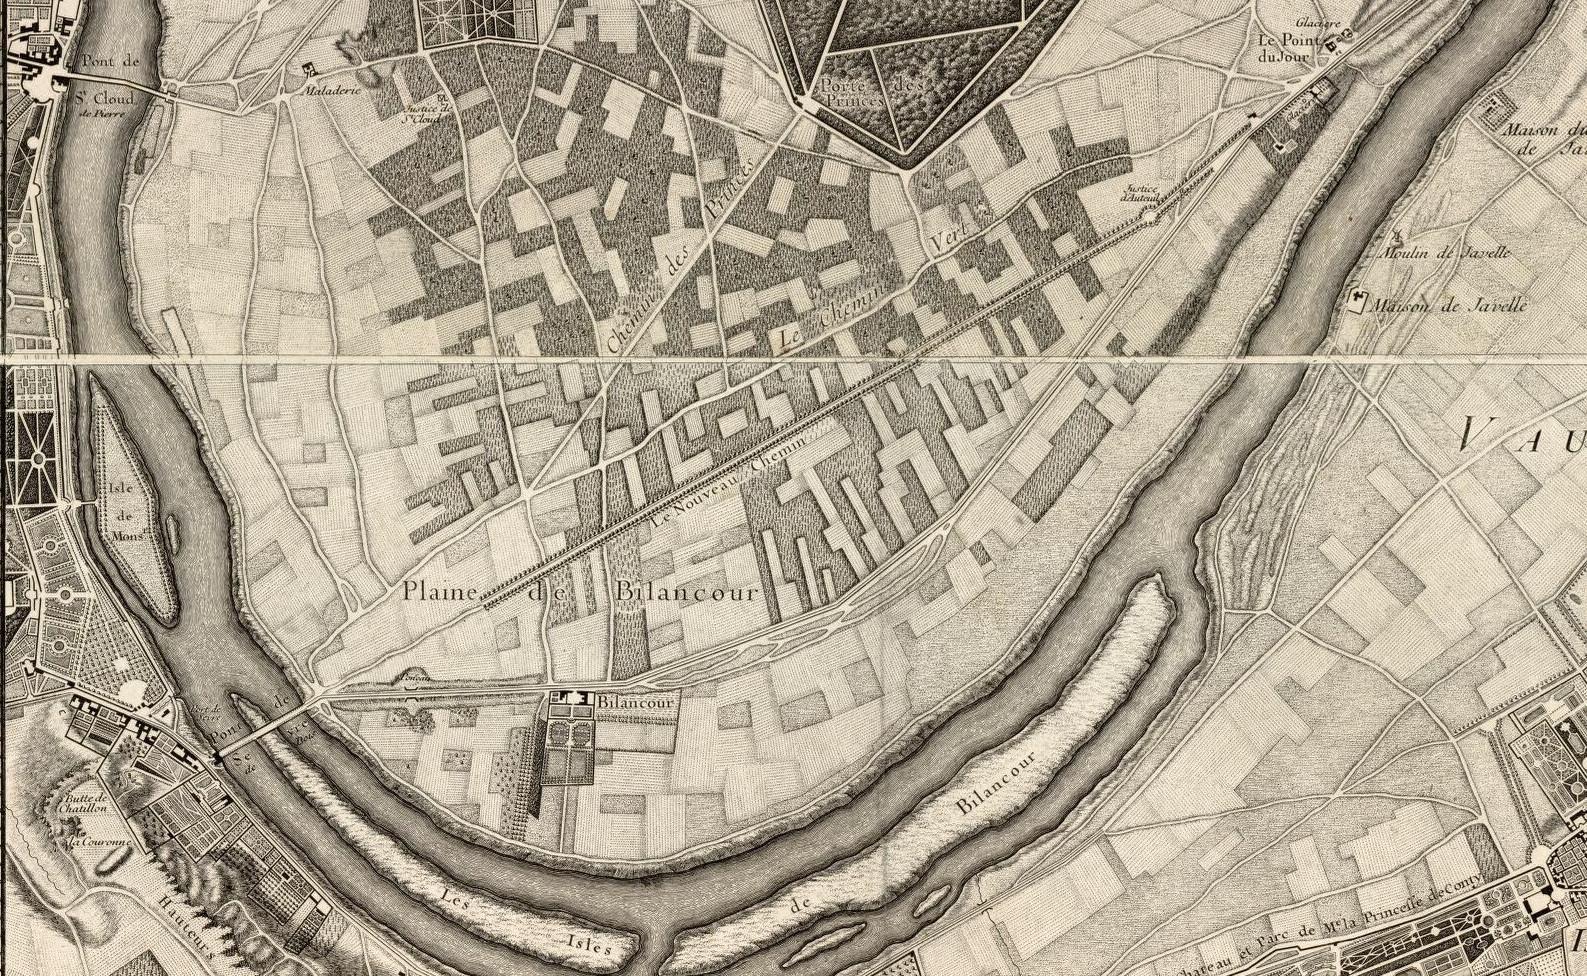 Plan de Roussel,. 1731.